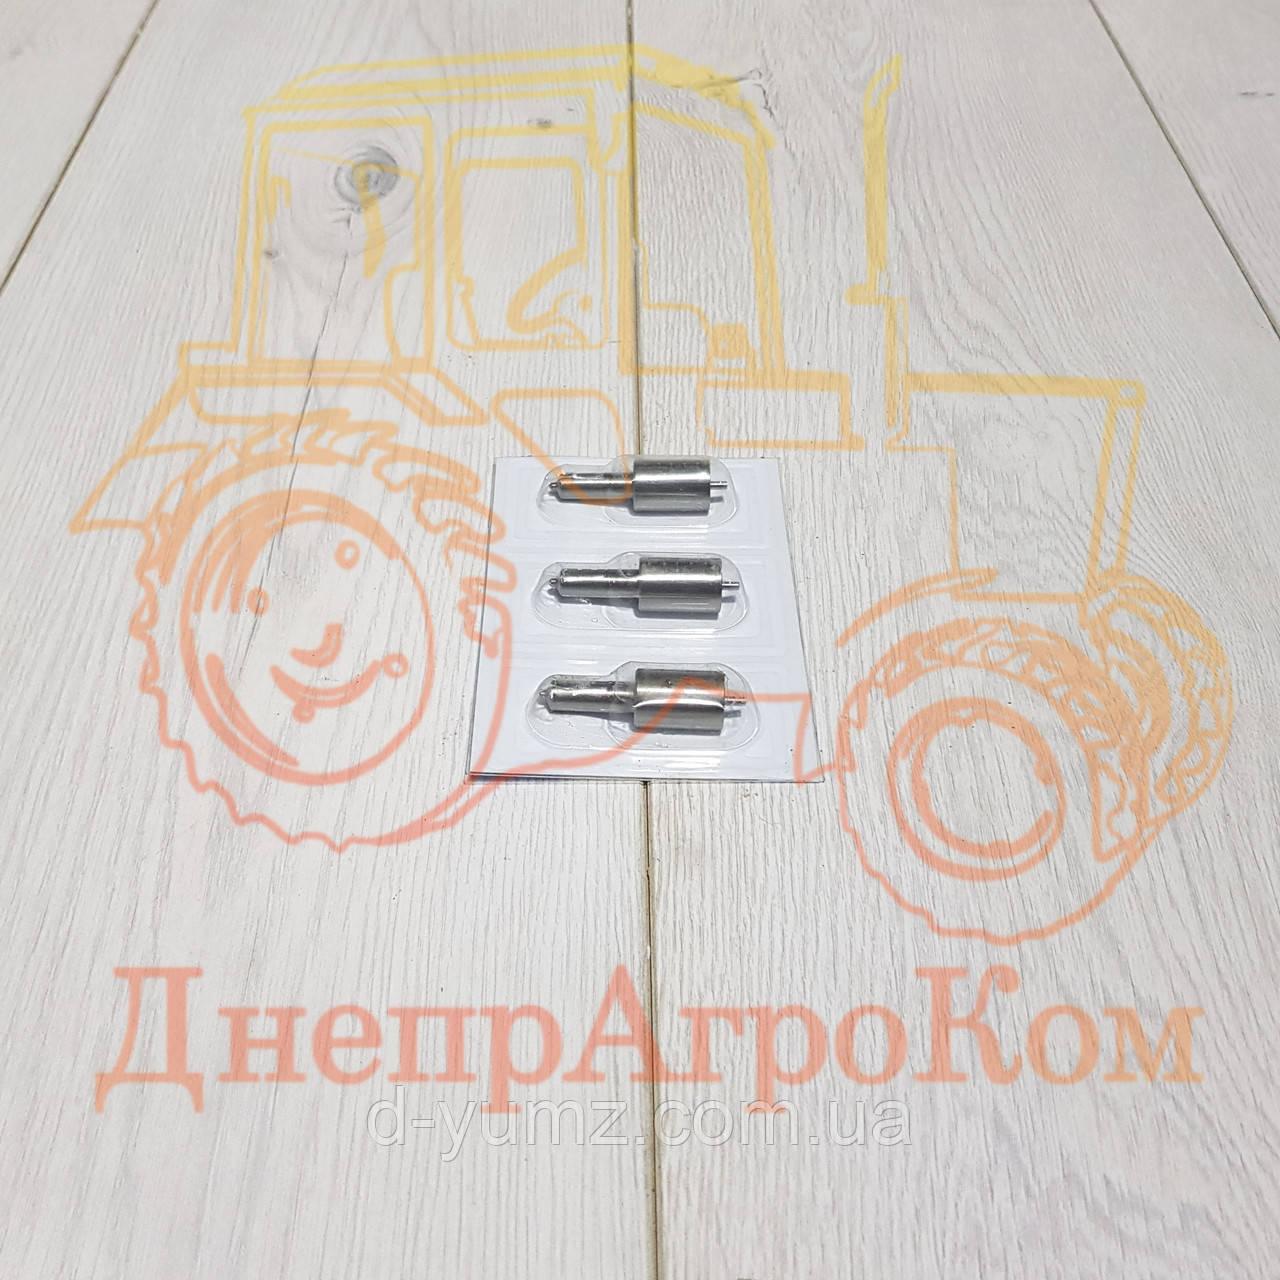 Распылитель ЮМЗ Д-65 | пр-во АЗПИ, г.Барнаул | 6А1-20с2-40